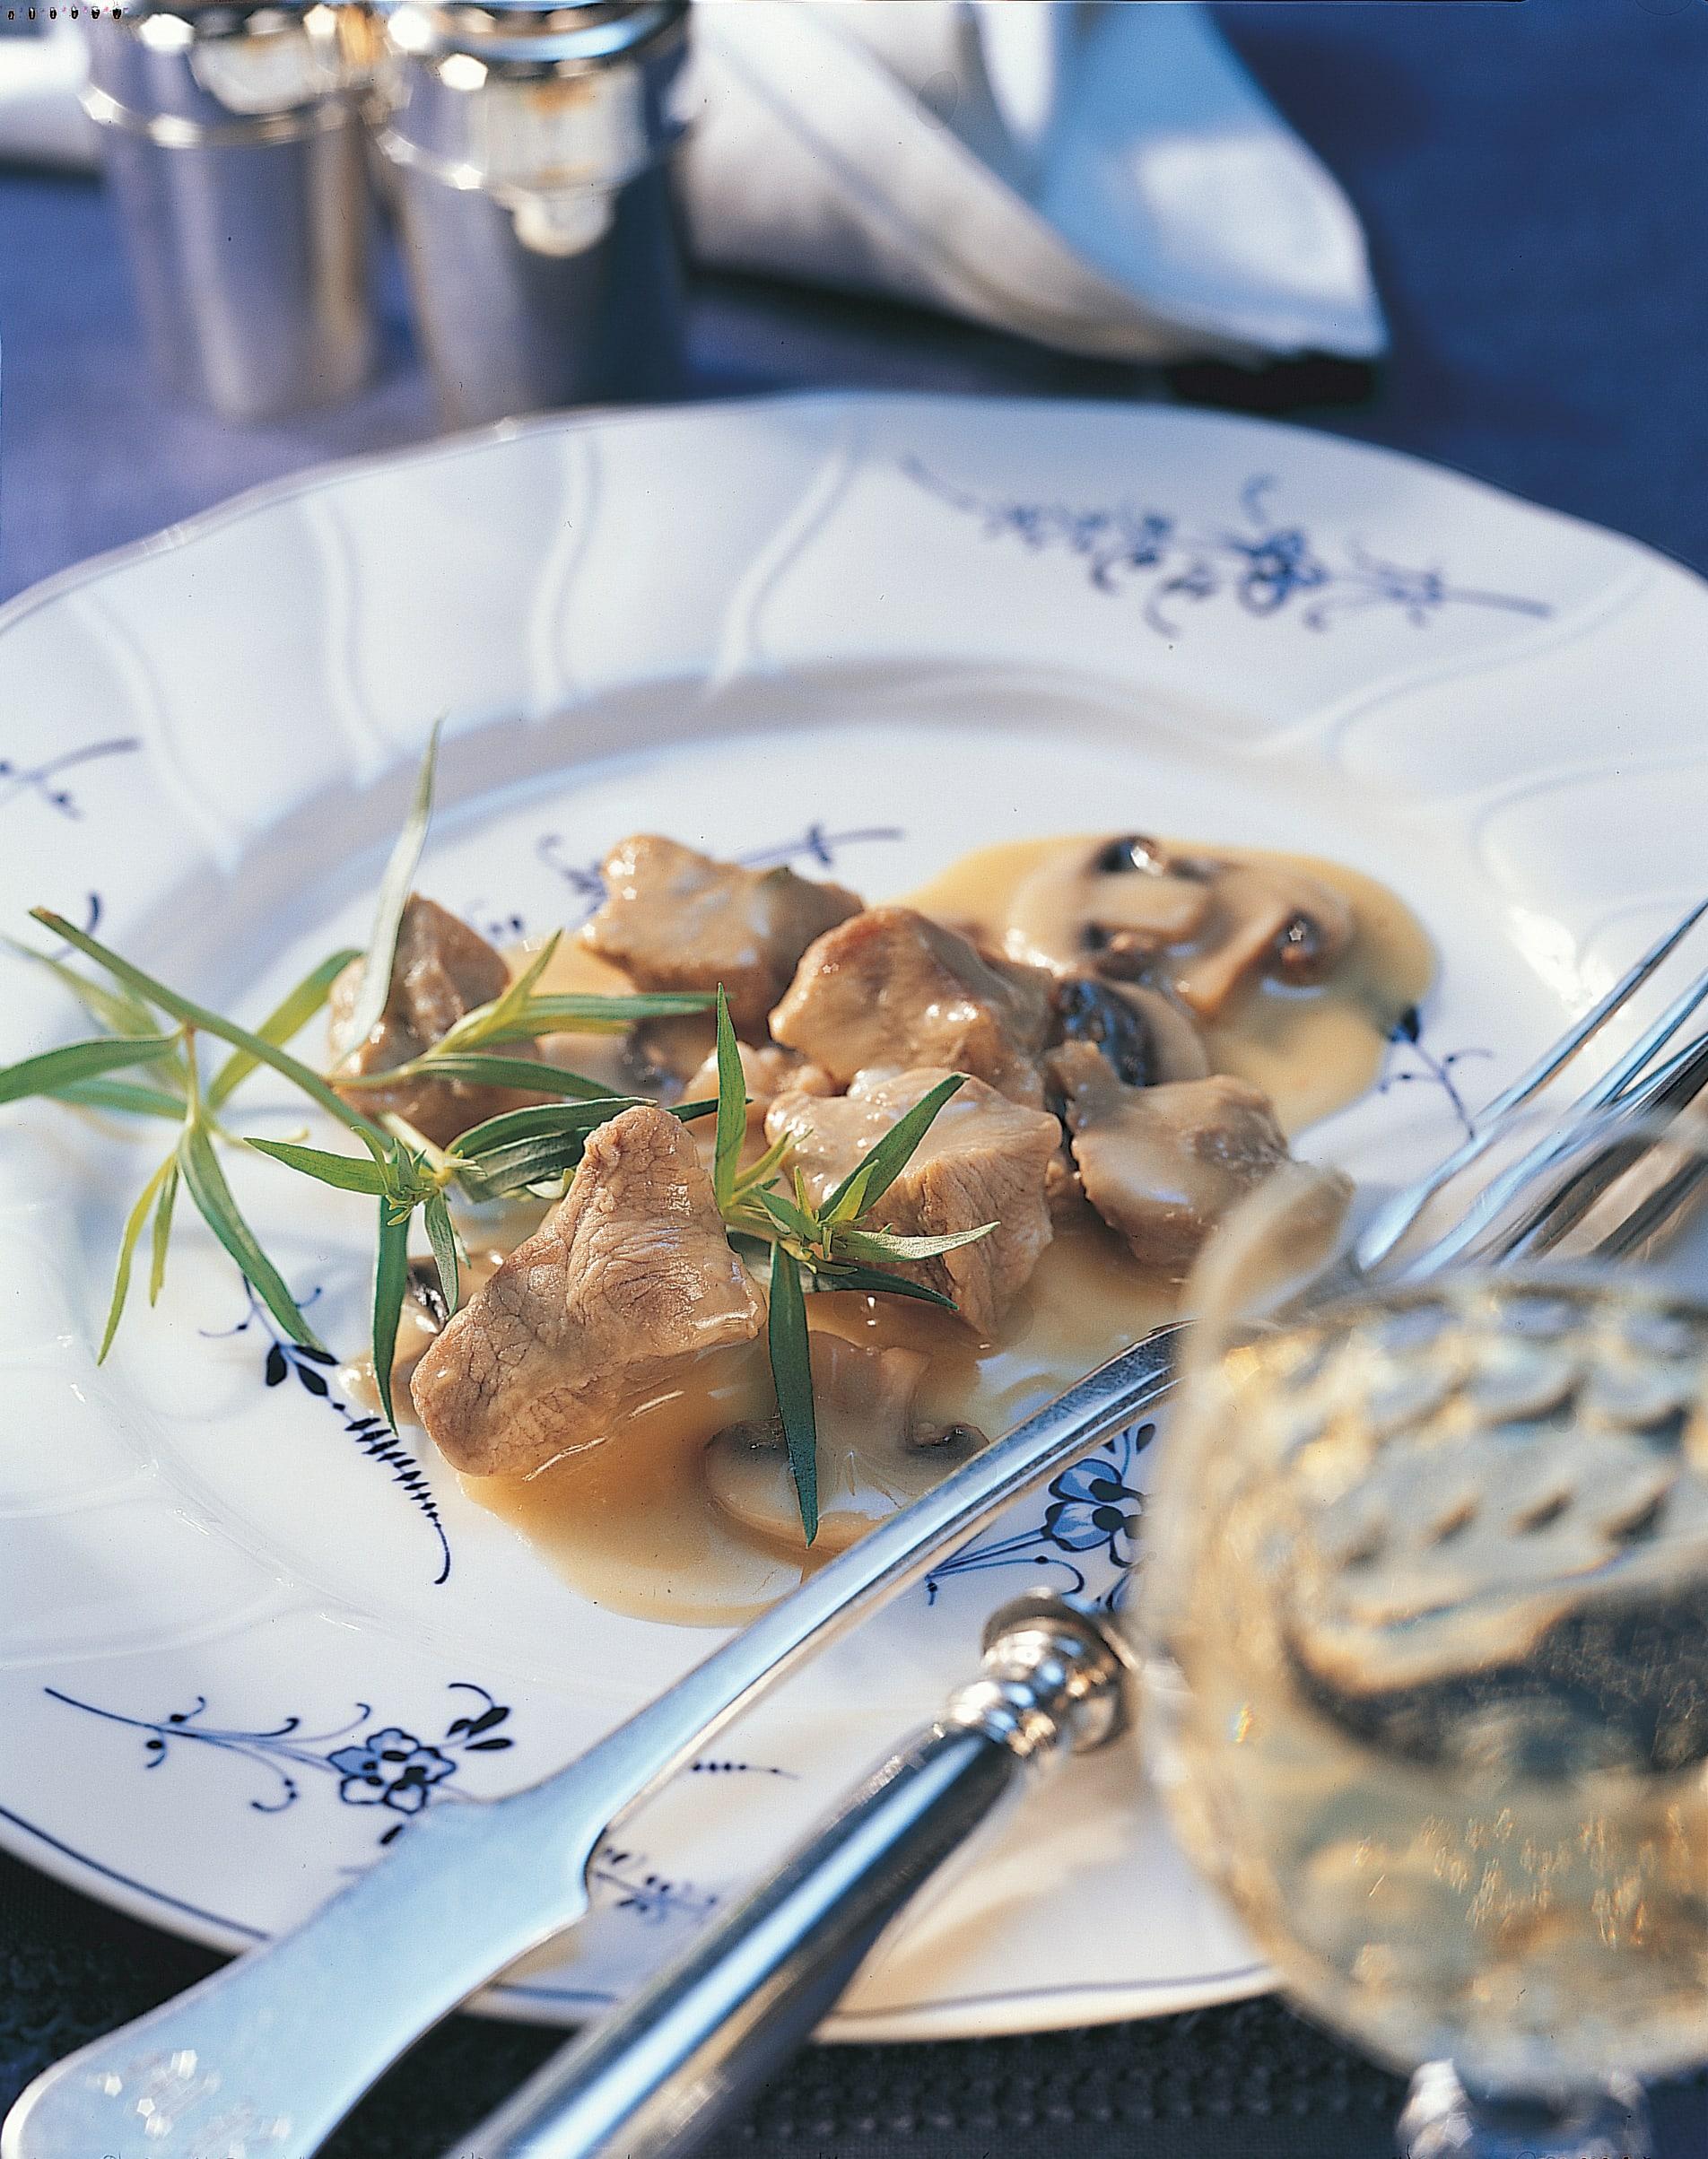 Blanquette de veau aux champignons et à la crème